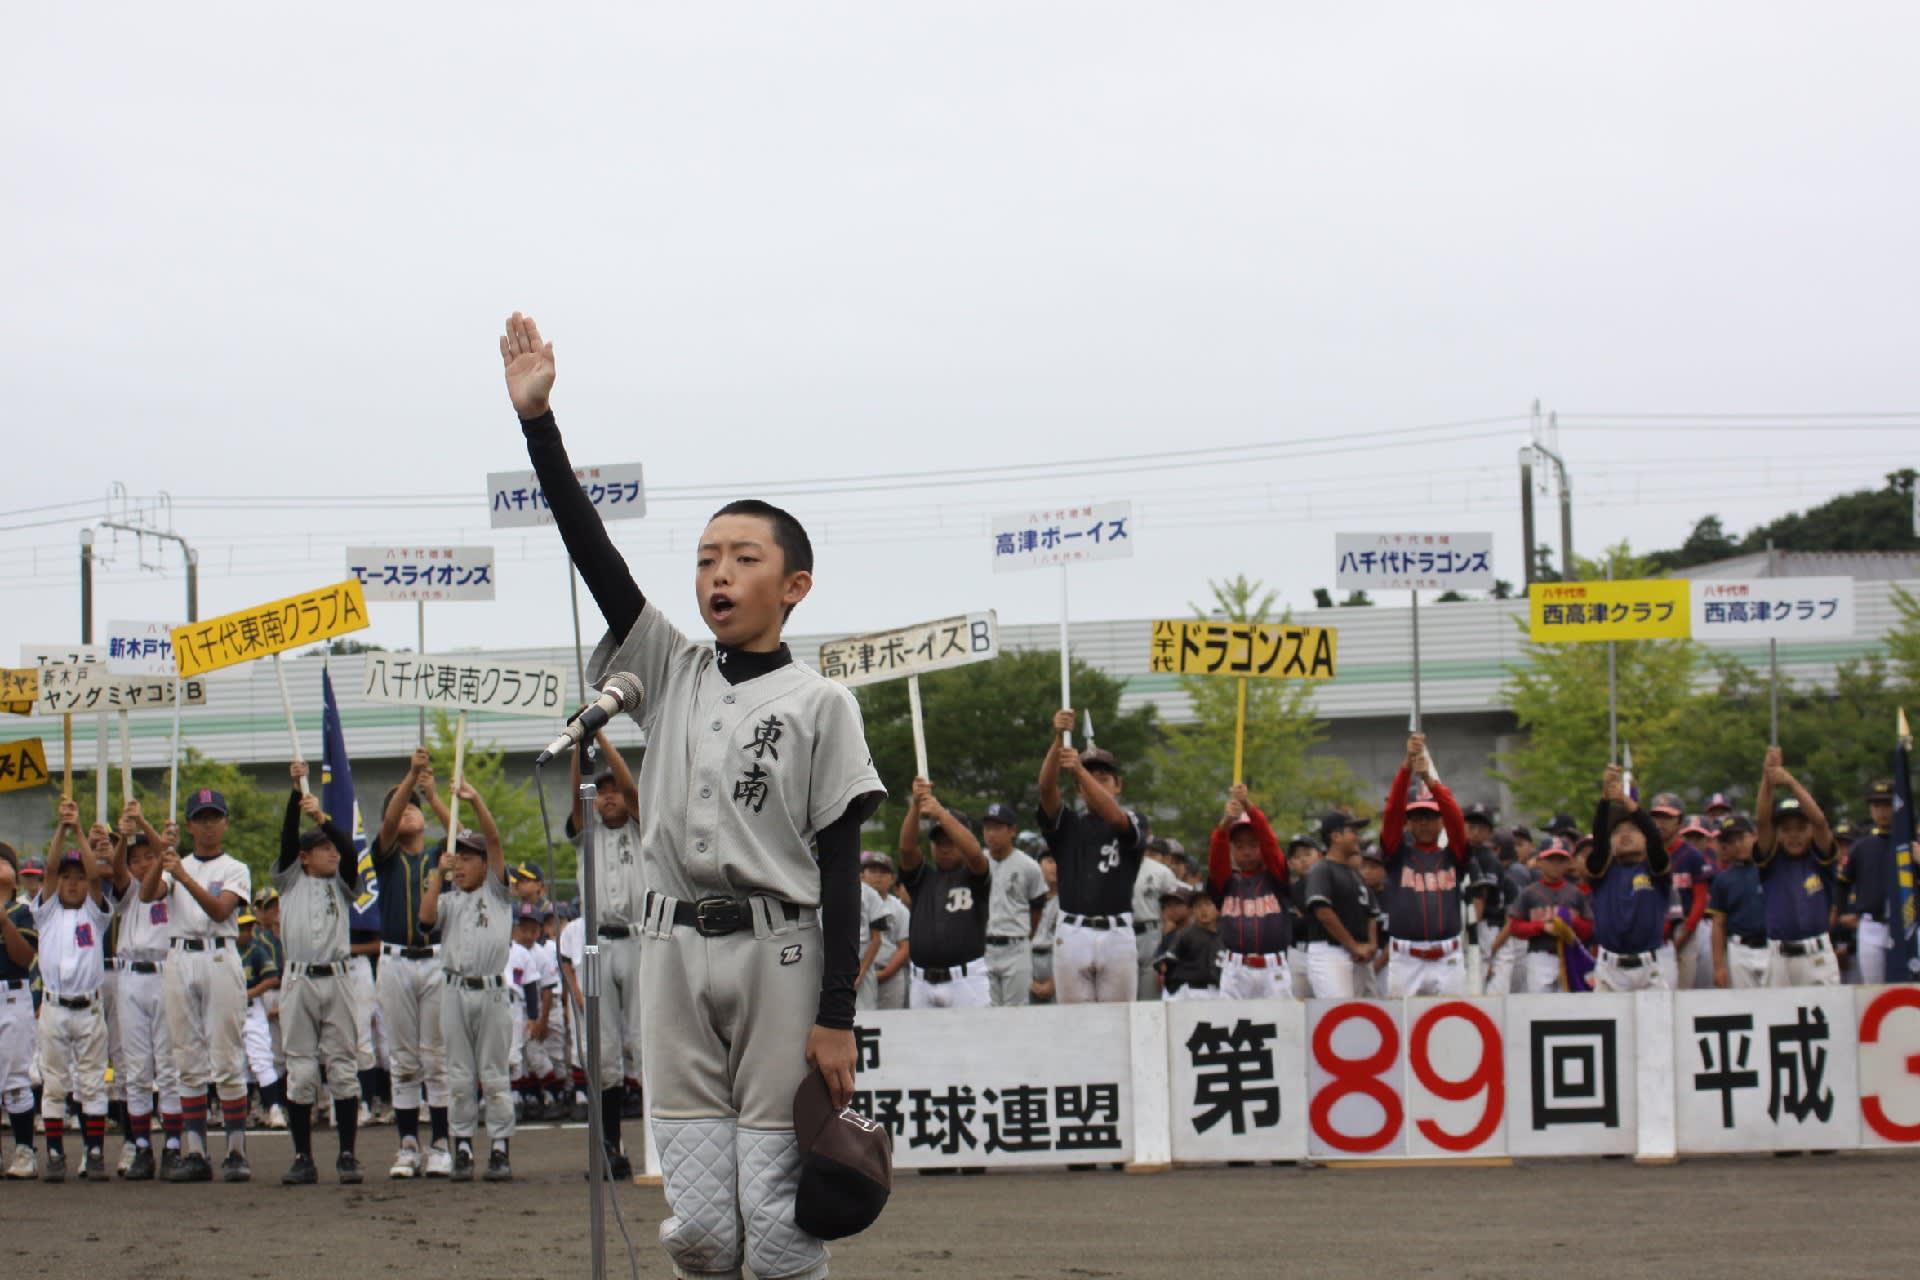 愛知 県 高校 野球 掲示板